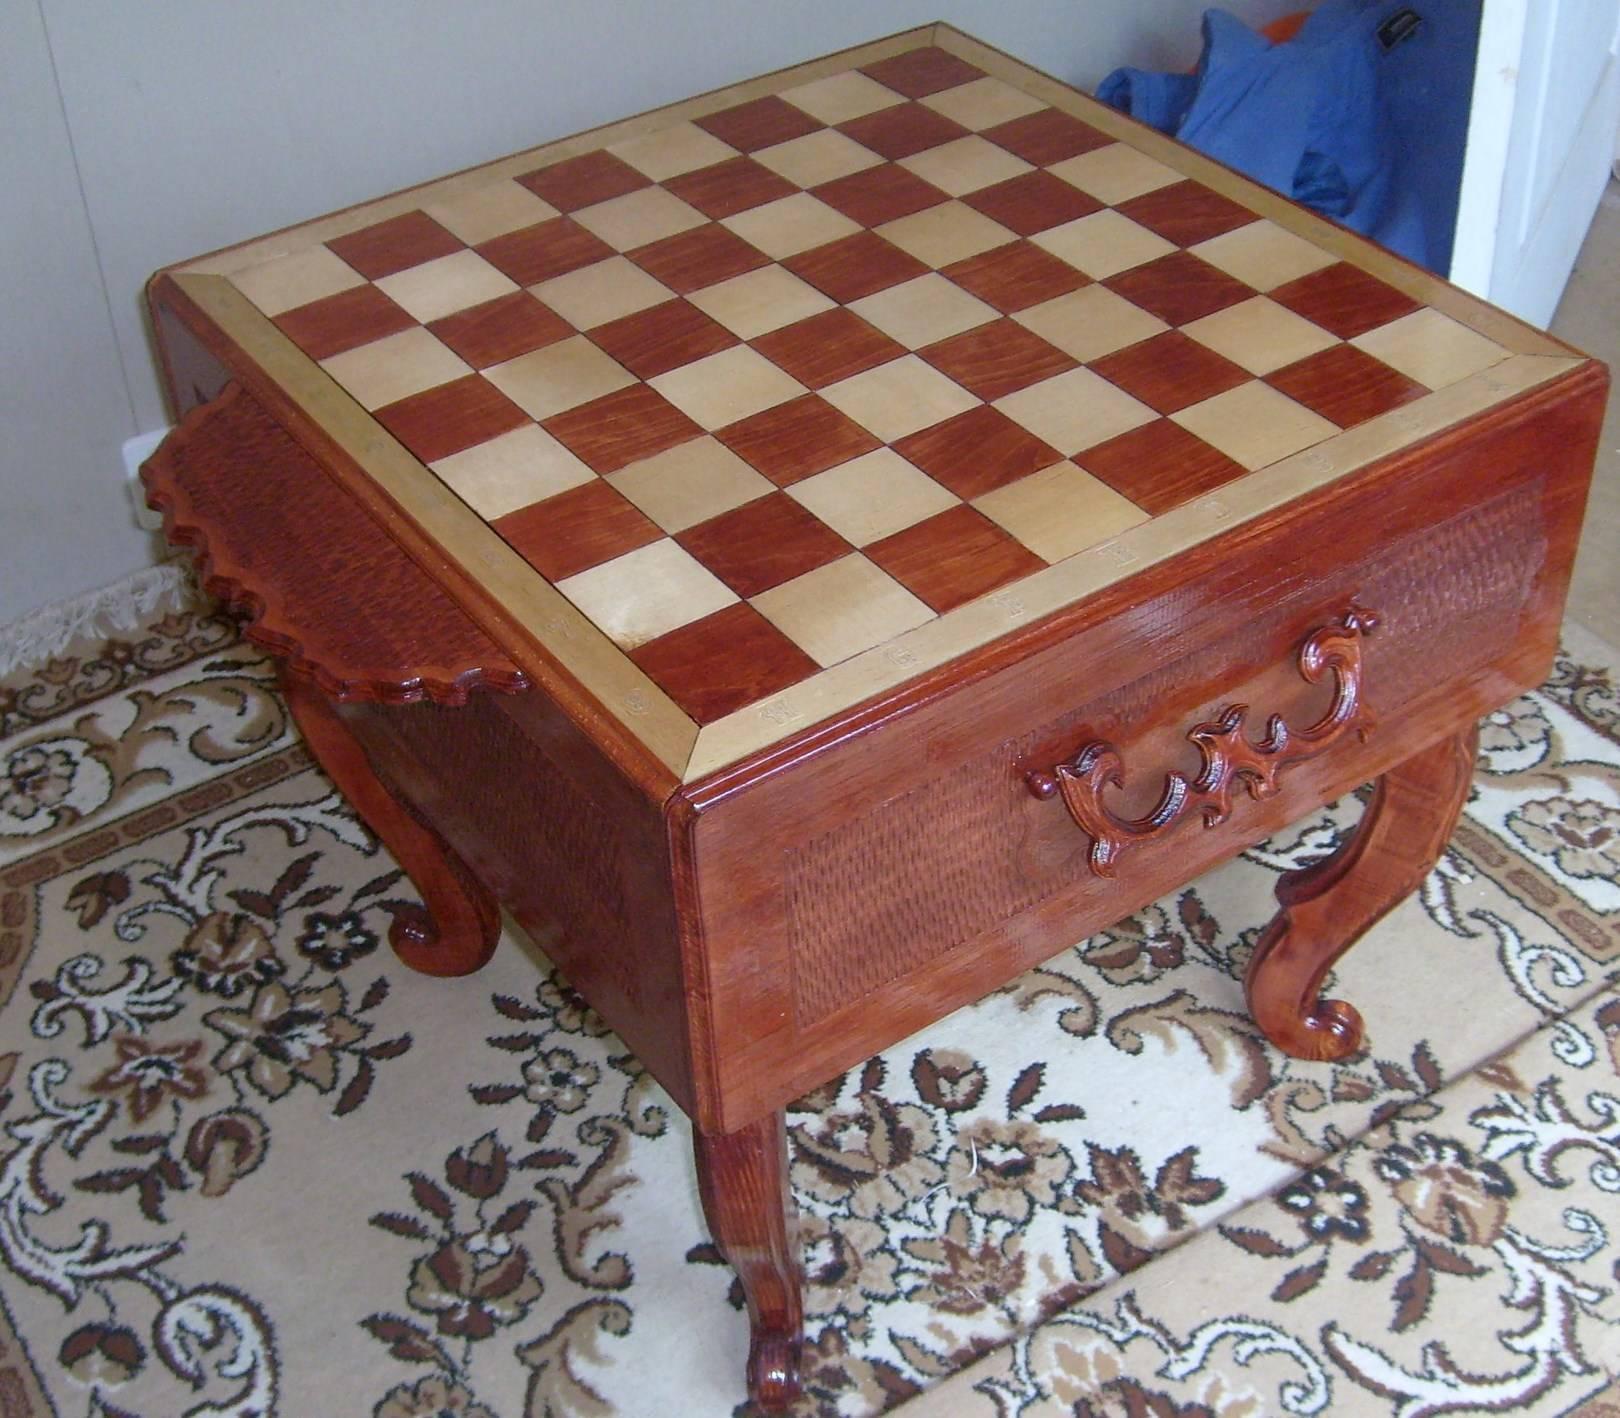 резные шахматы в сказочном стиле